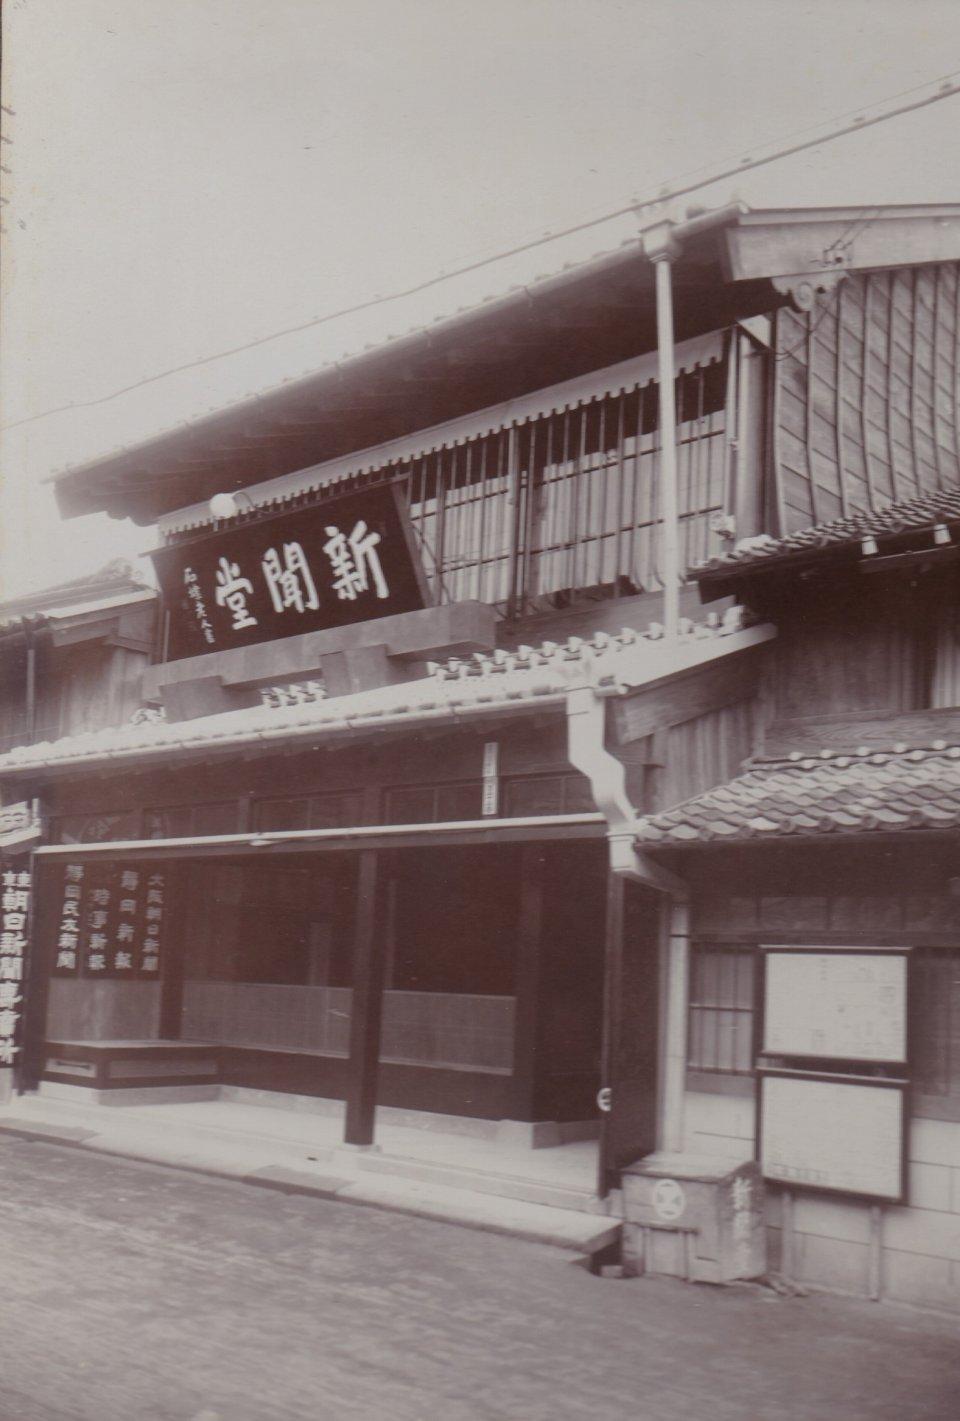 呉服町の昔の店舗エガワ新聞堂